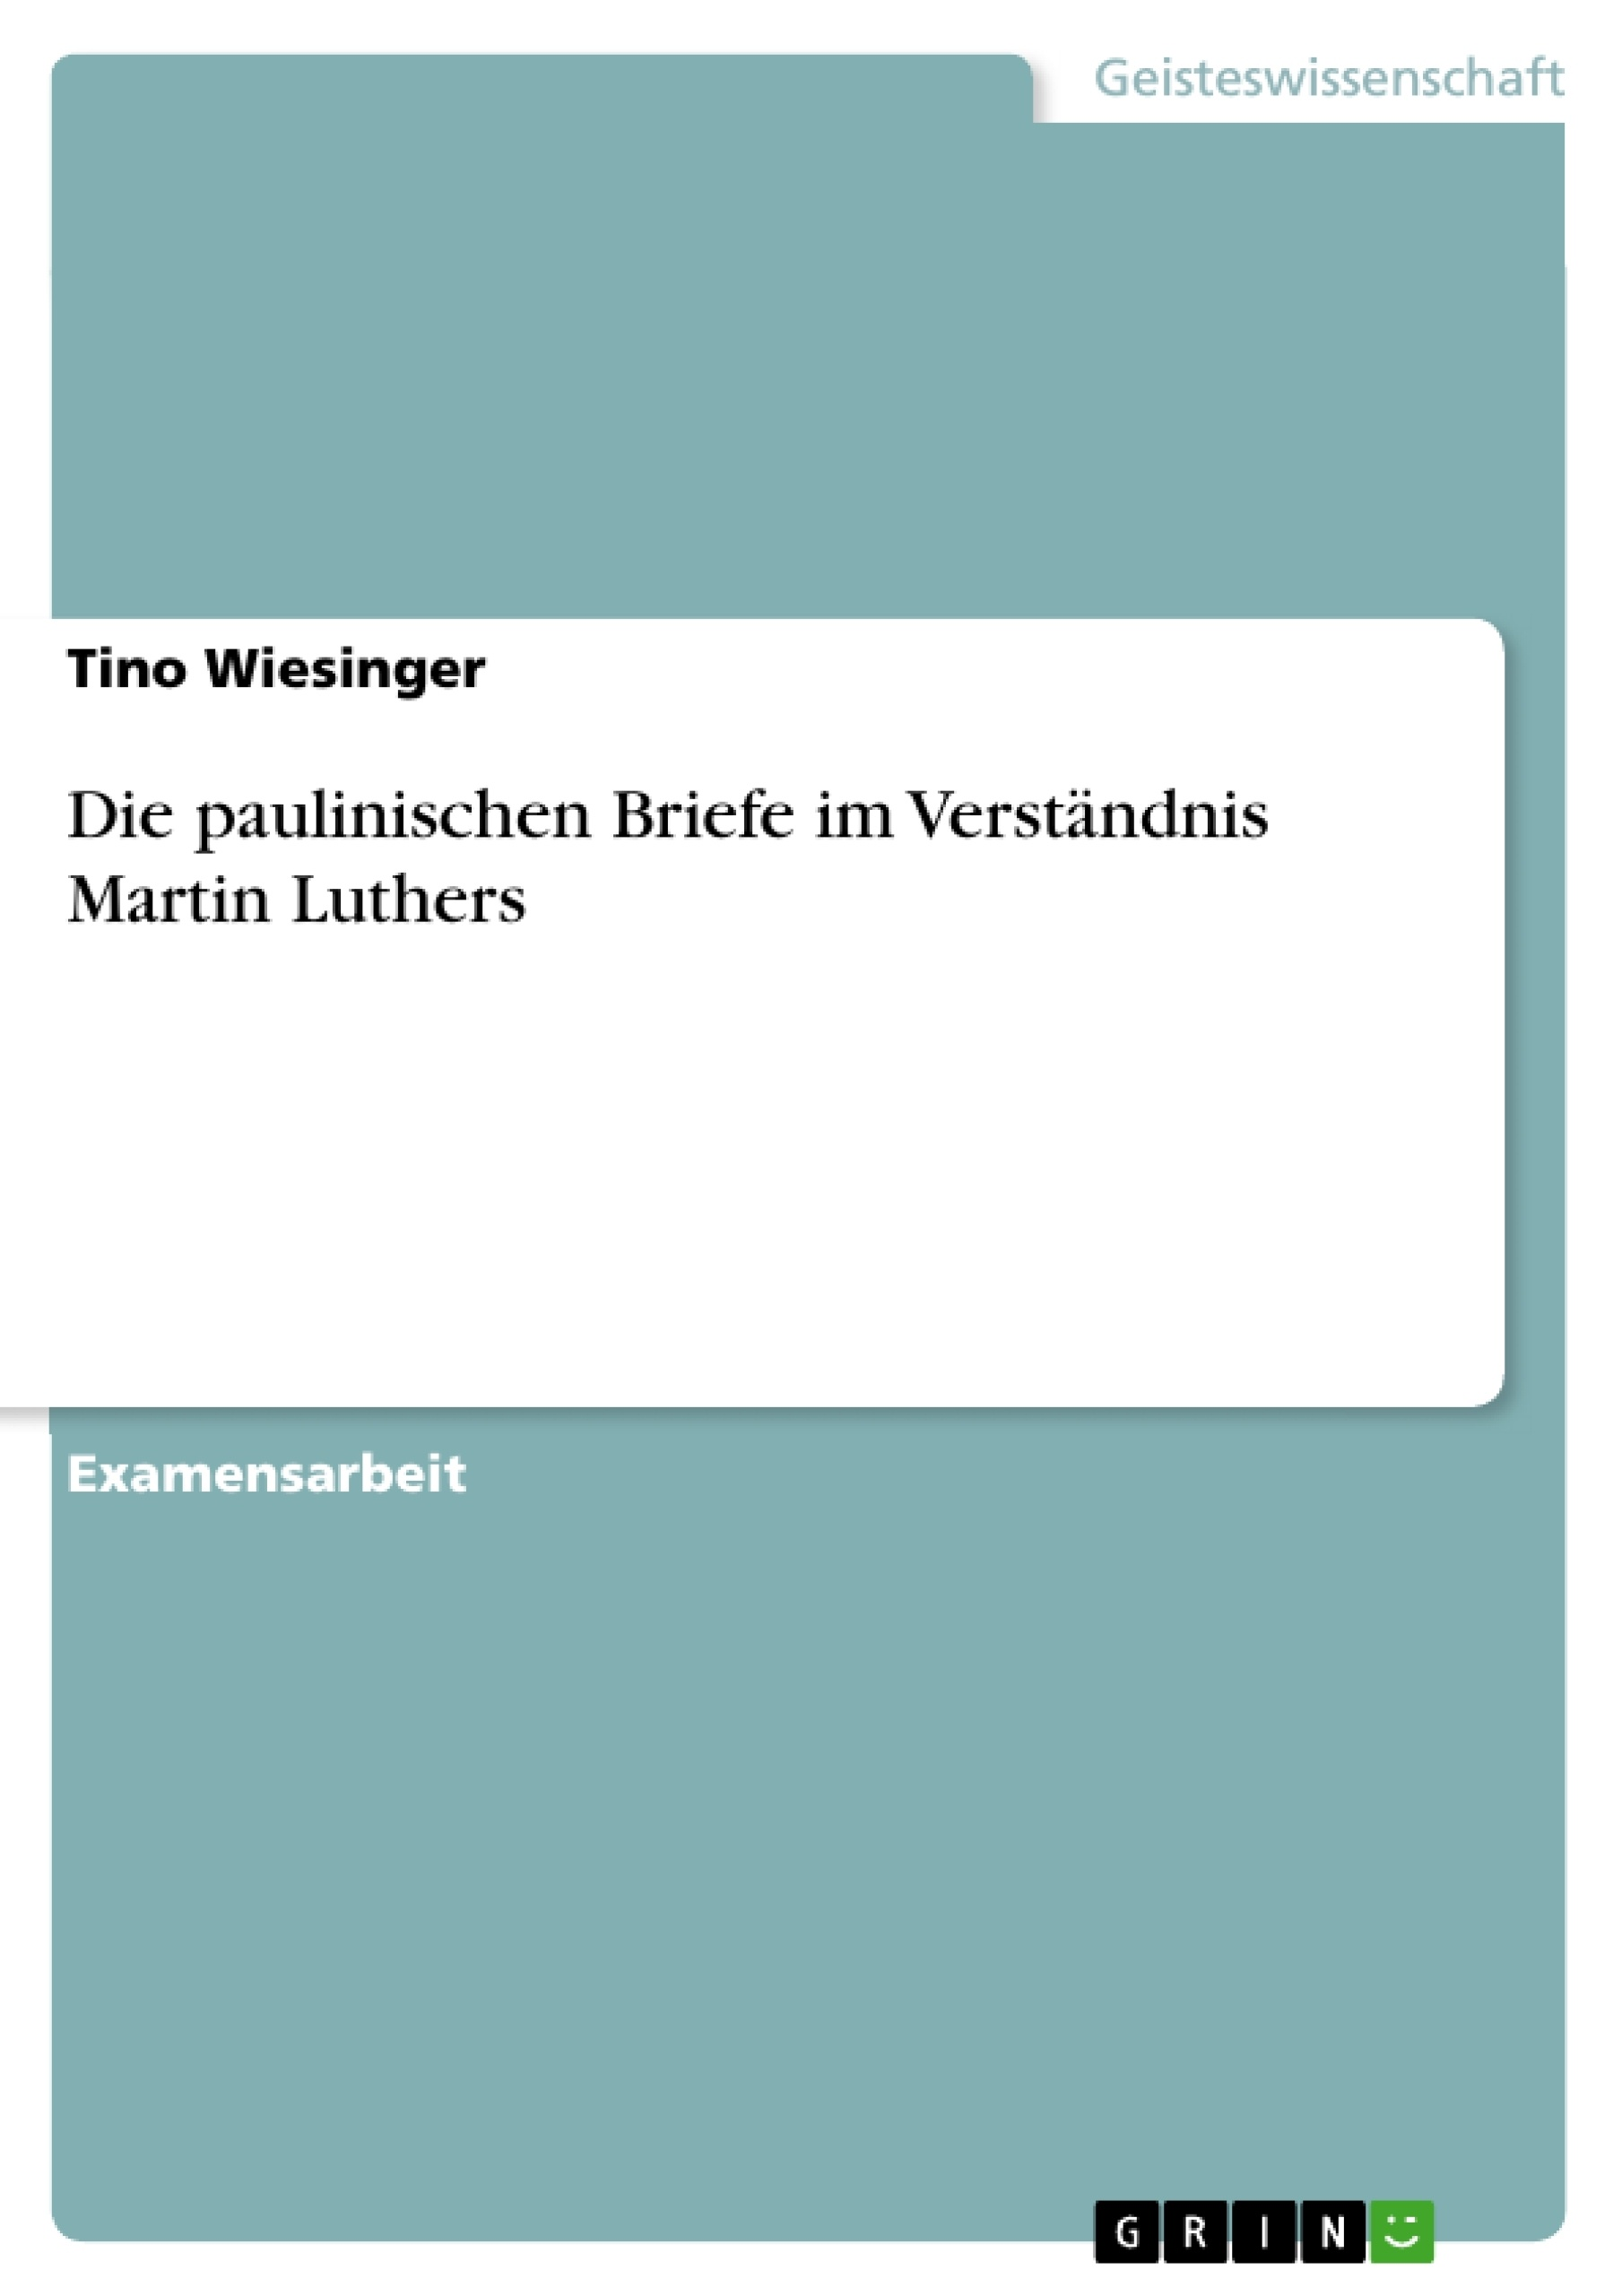 Titel: Die paulinischen Briefe im Verständnis Martin Luthers